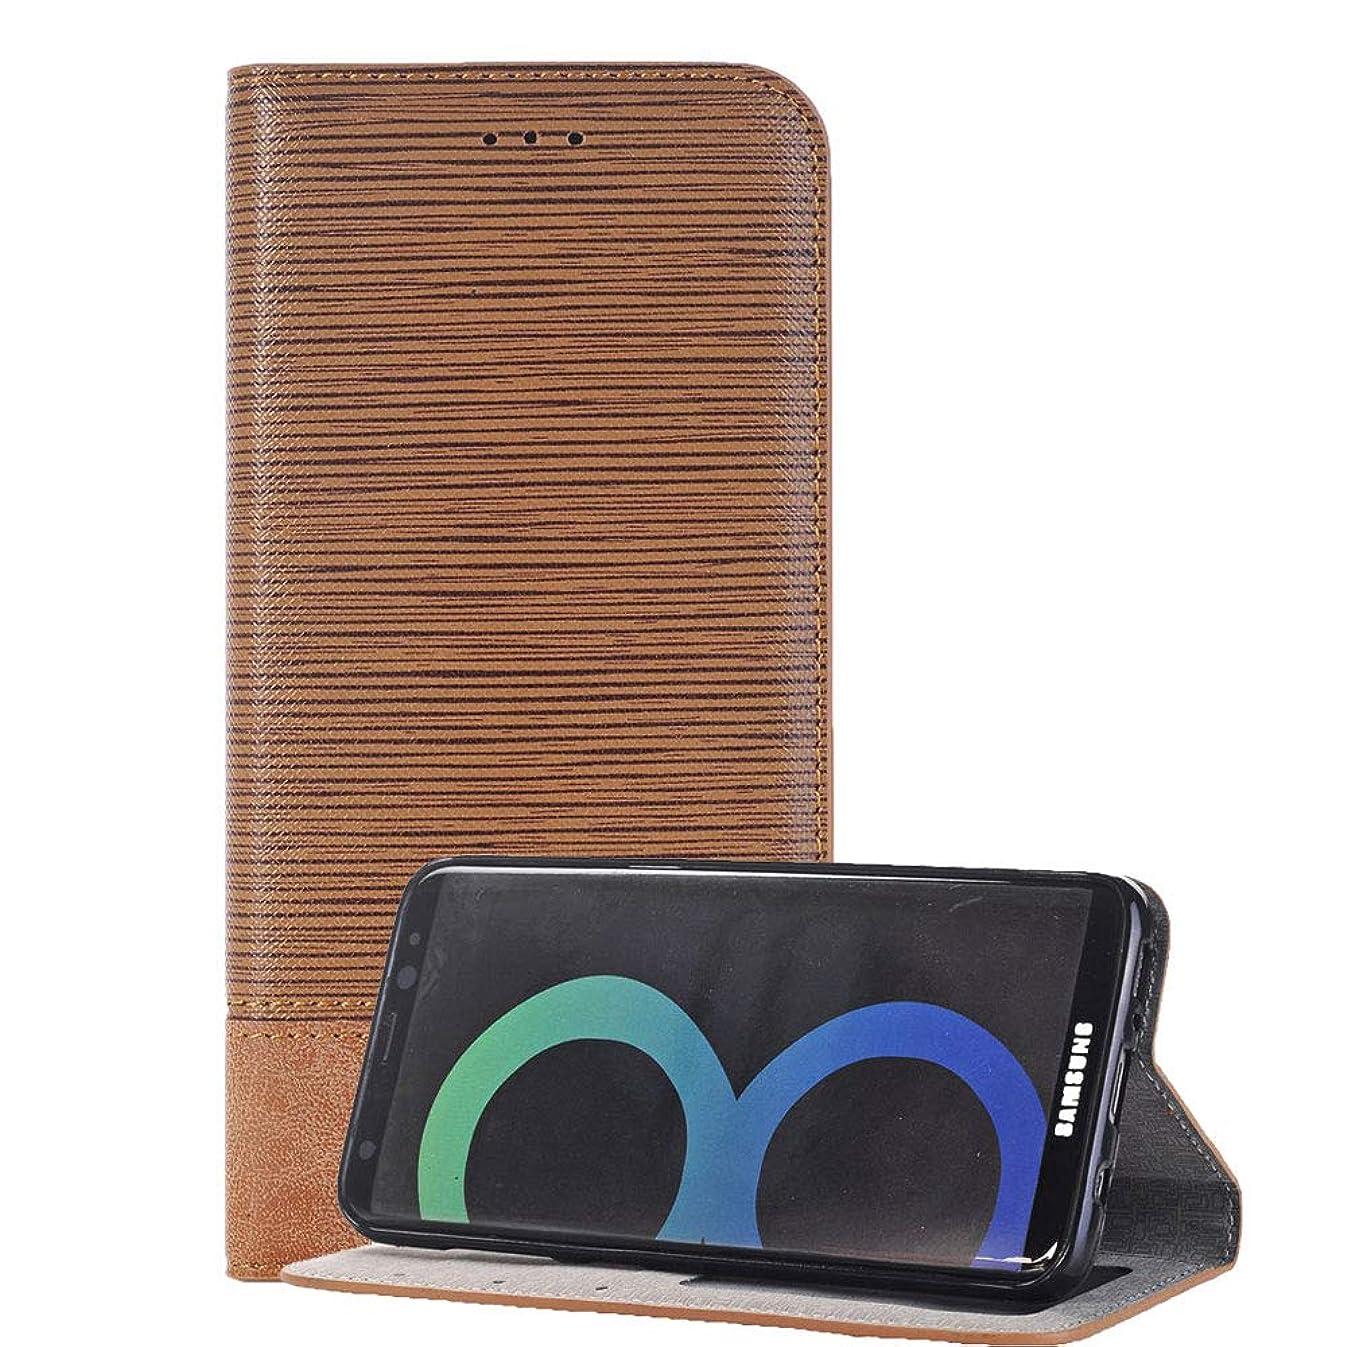 省略遠洋の少年Samsung Galaxy S8 手帳型 ケース ギャラクシーs8 スマホケース カバー 脱着簡単 カードポケット 高品質 人気 おしゃれ カバー(ライトブラウン)